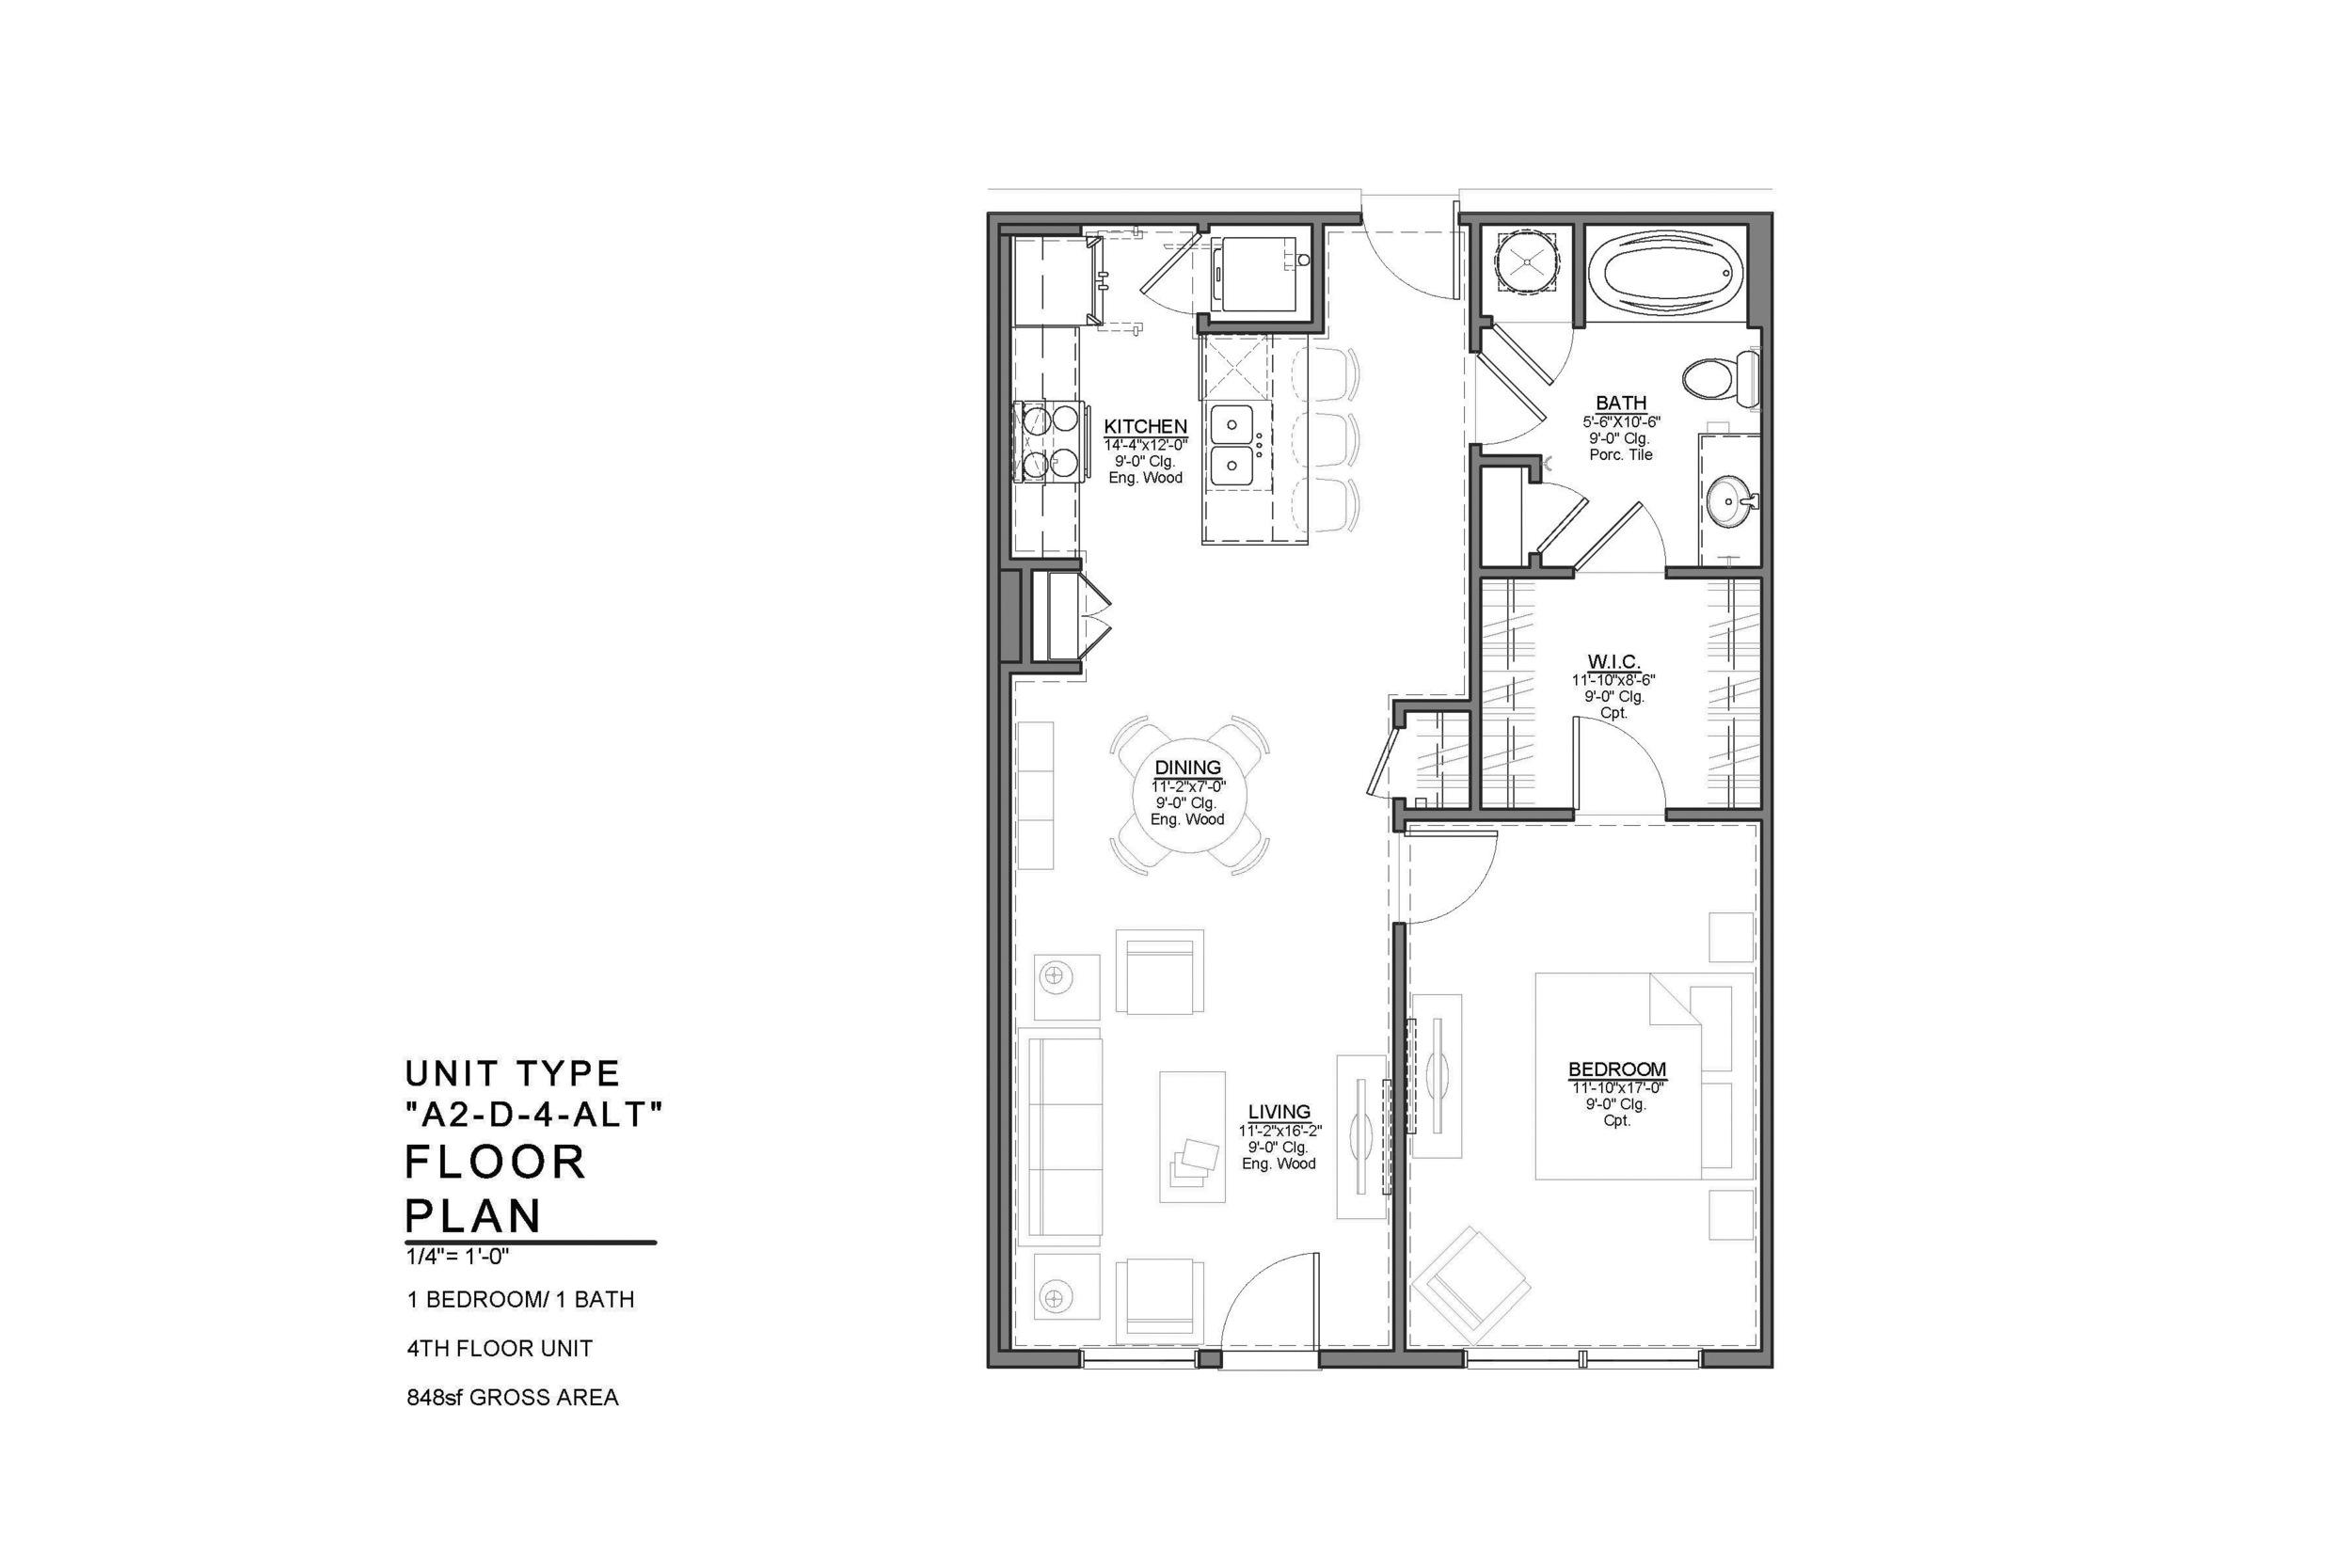 A2-D-4-ALT FLOOR PLAN: 1 BEDROOM / 1 BATH